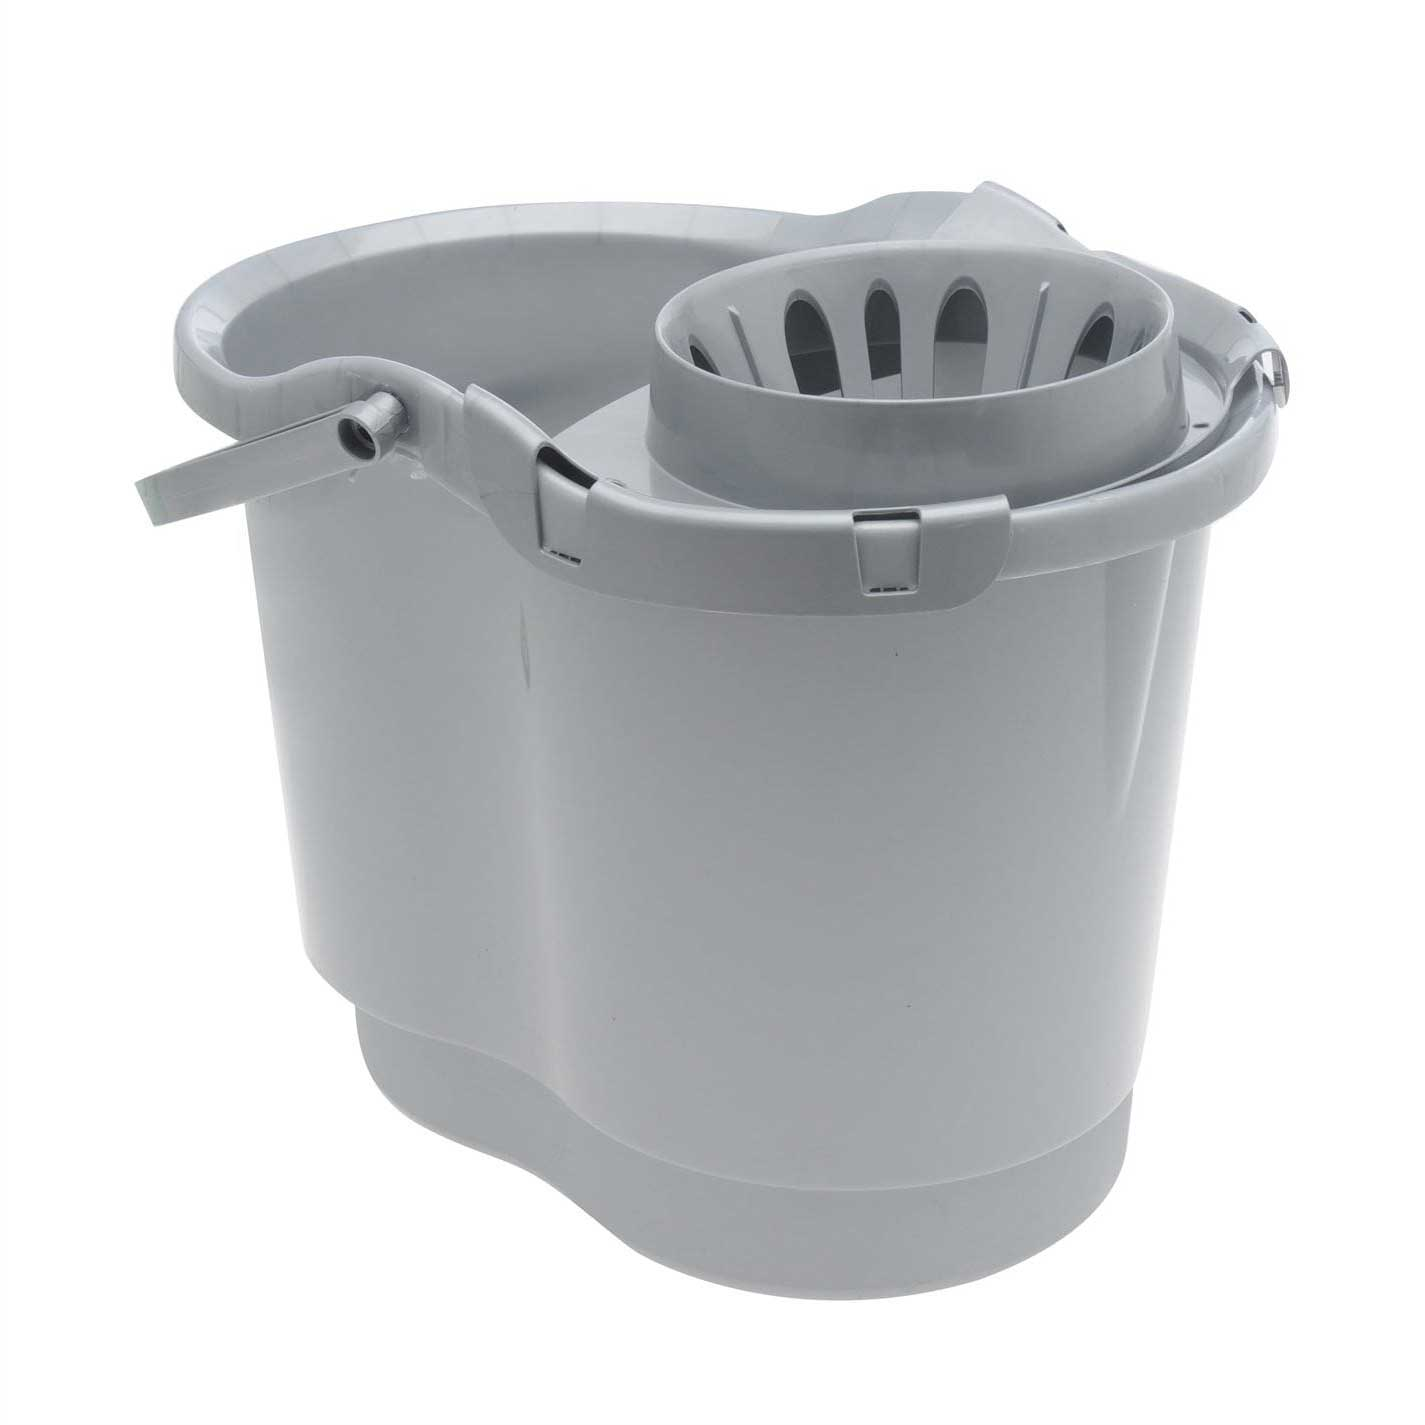 Plastic Mop Bucket & Squeezer (1)